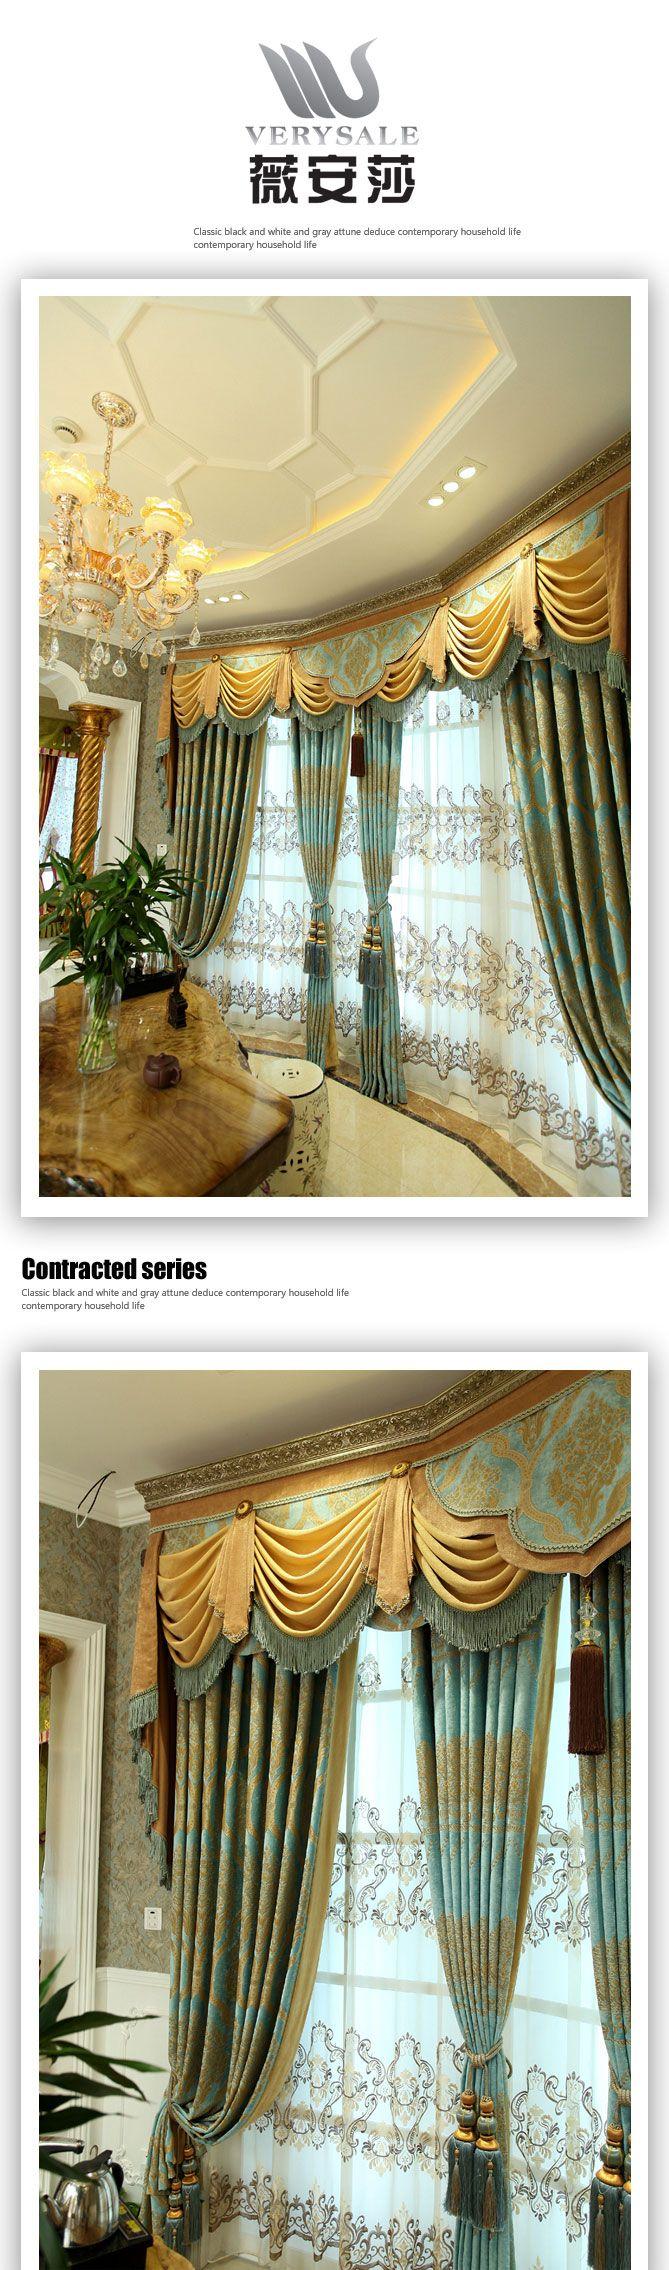 歐式別墅遮光美式窗簾成品客廳臥室豪華大氣… | Curtain designs, Window drapes, Architecture house